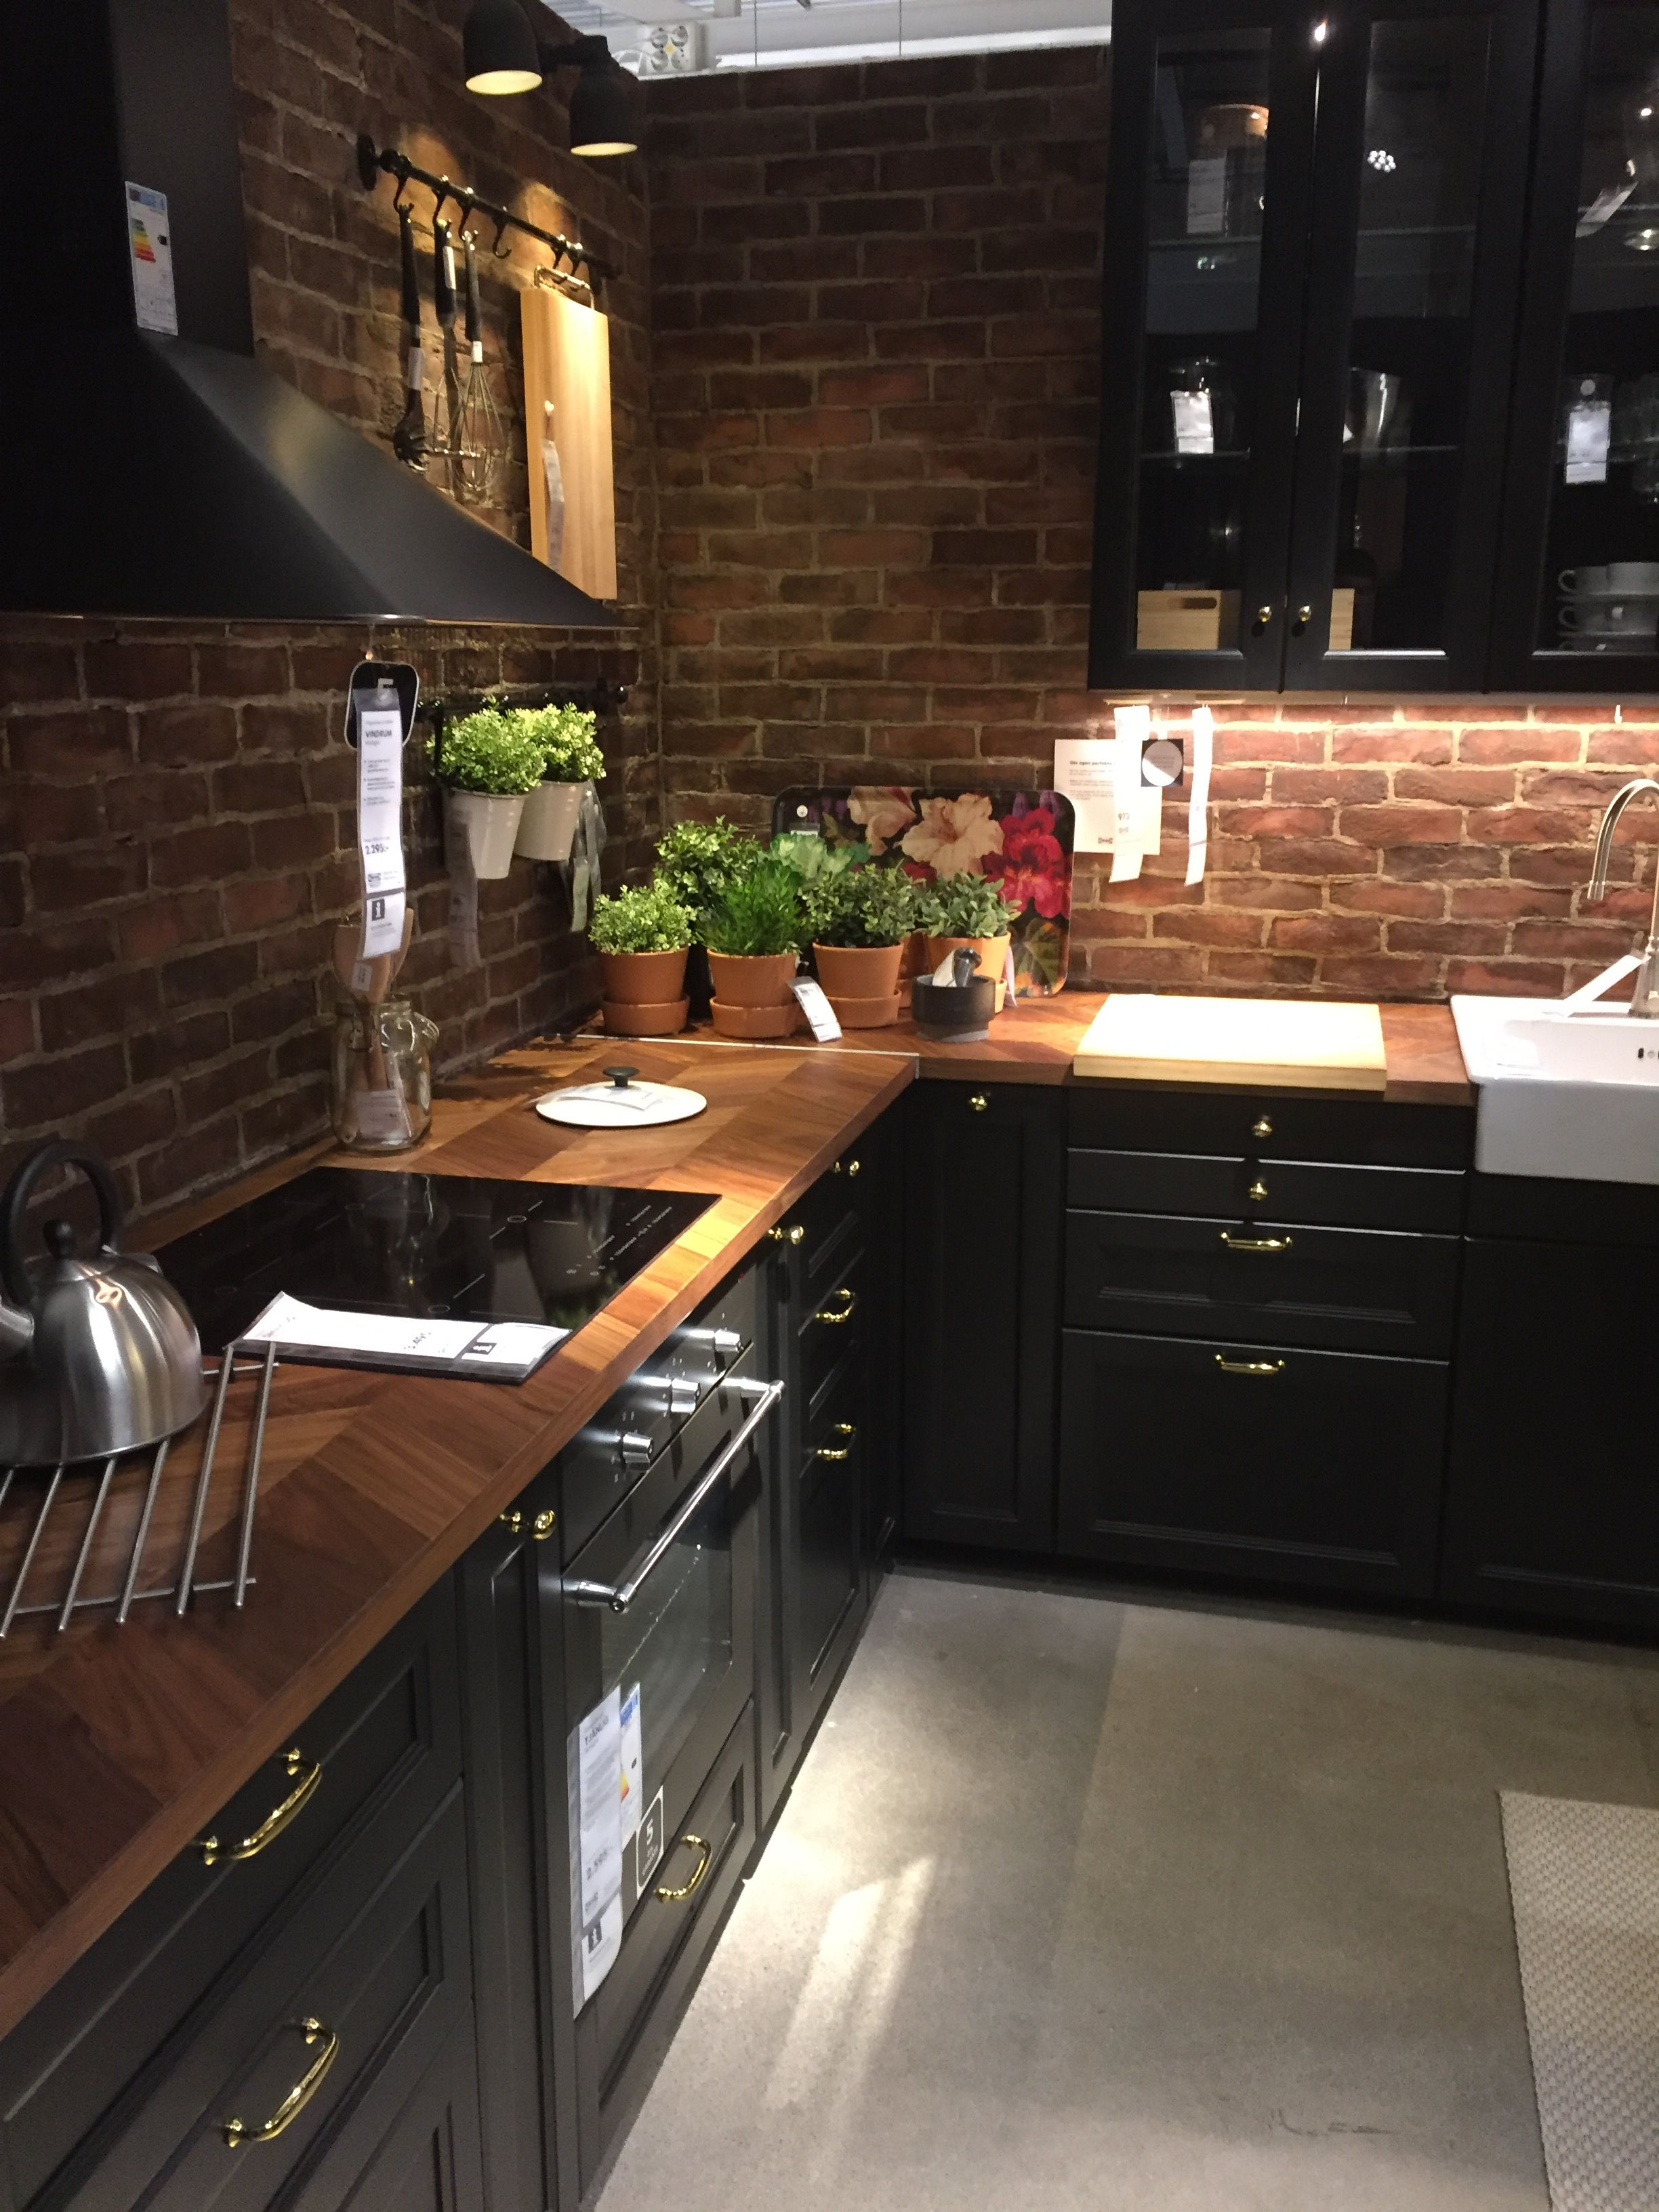 Kitchen kitchens kitchendesign kitchendecor kitchencabinets kitchenideas interiorideas industrialkitchens also rh ar pinterest